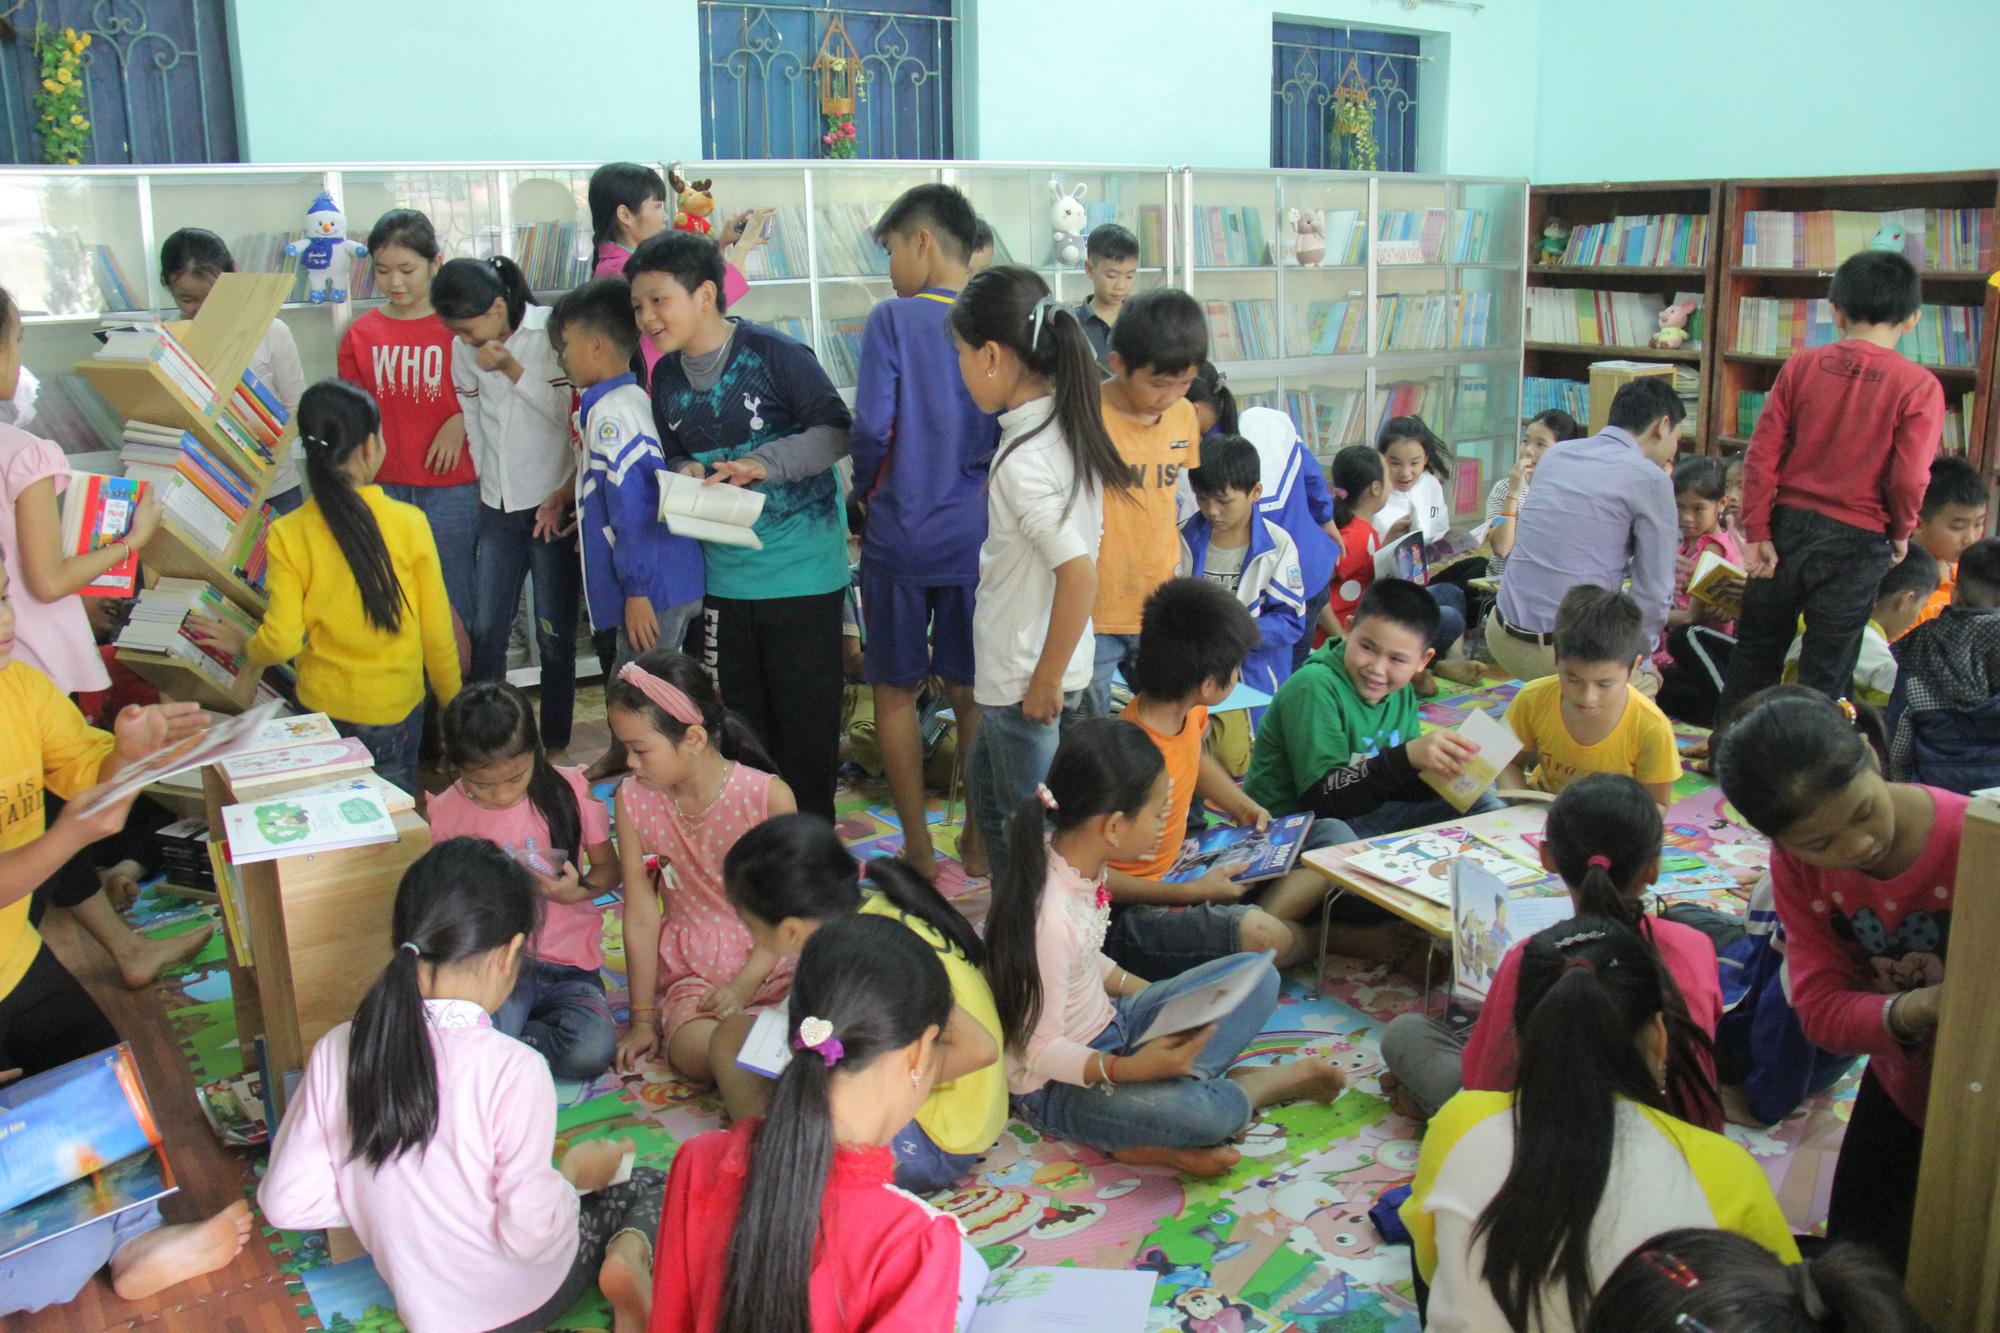 Trao tặng hơn 4.000 đầu sách cho các thư viện, trường học tỉnh Hòa Bình - Ảnh 10.